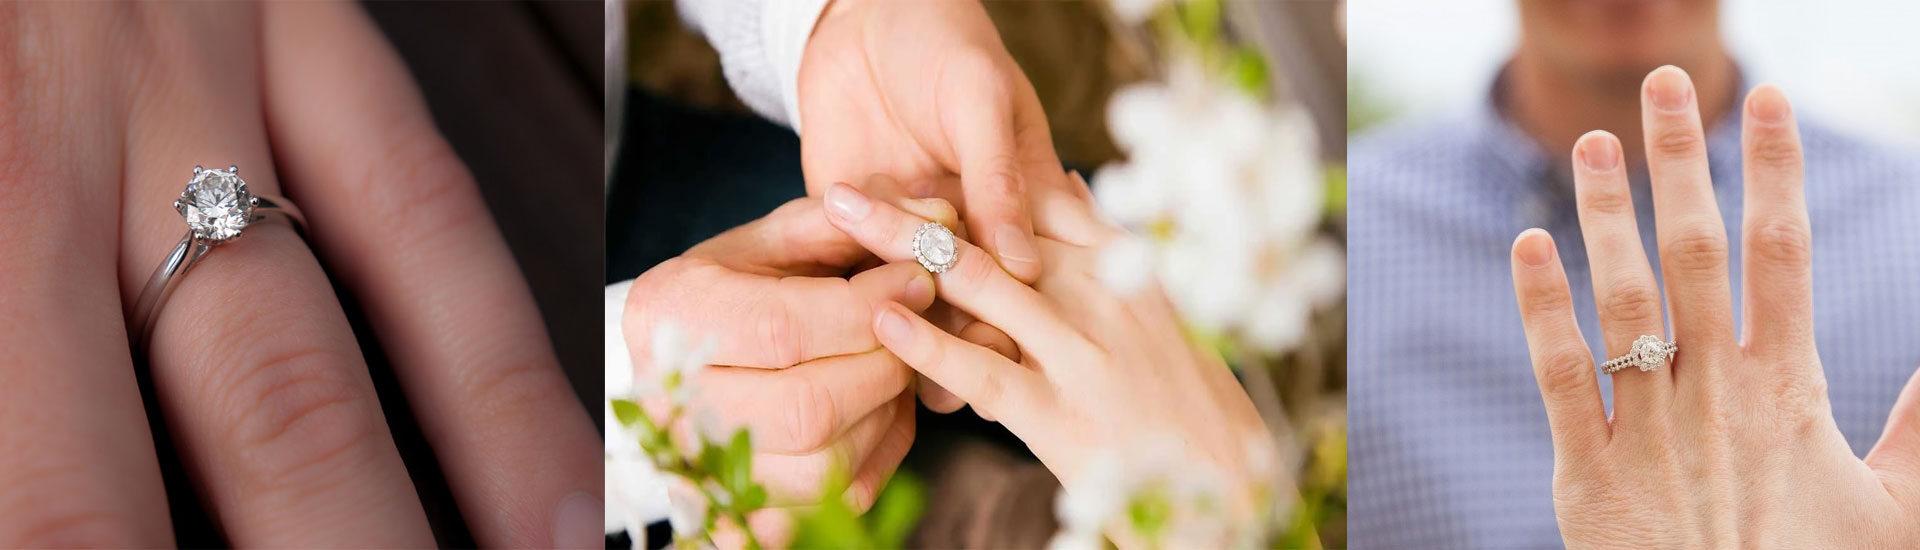 Top-Designer-Engagement-Rings